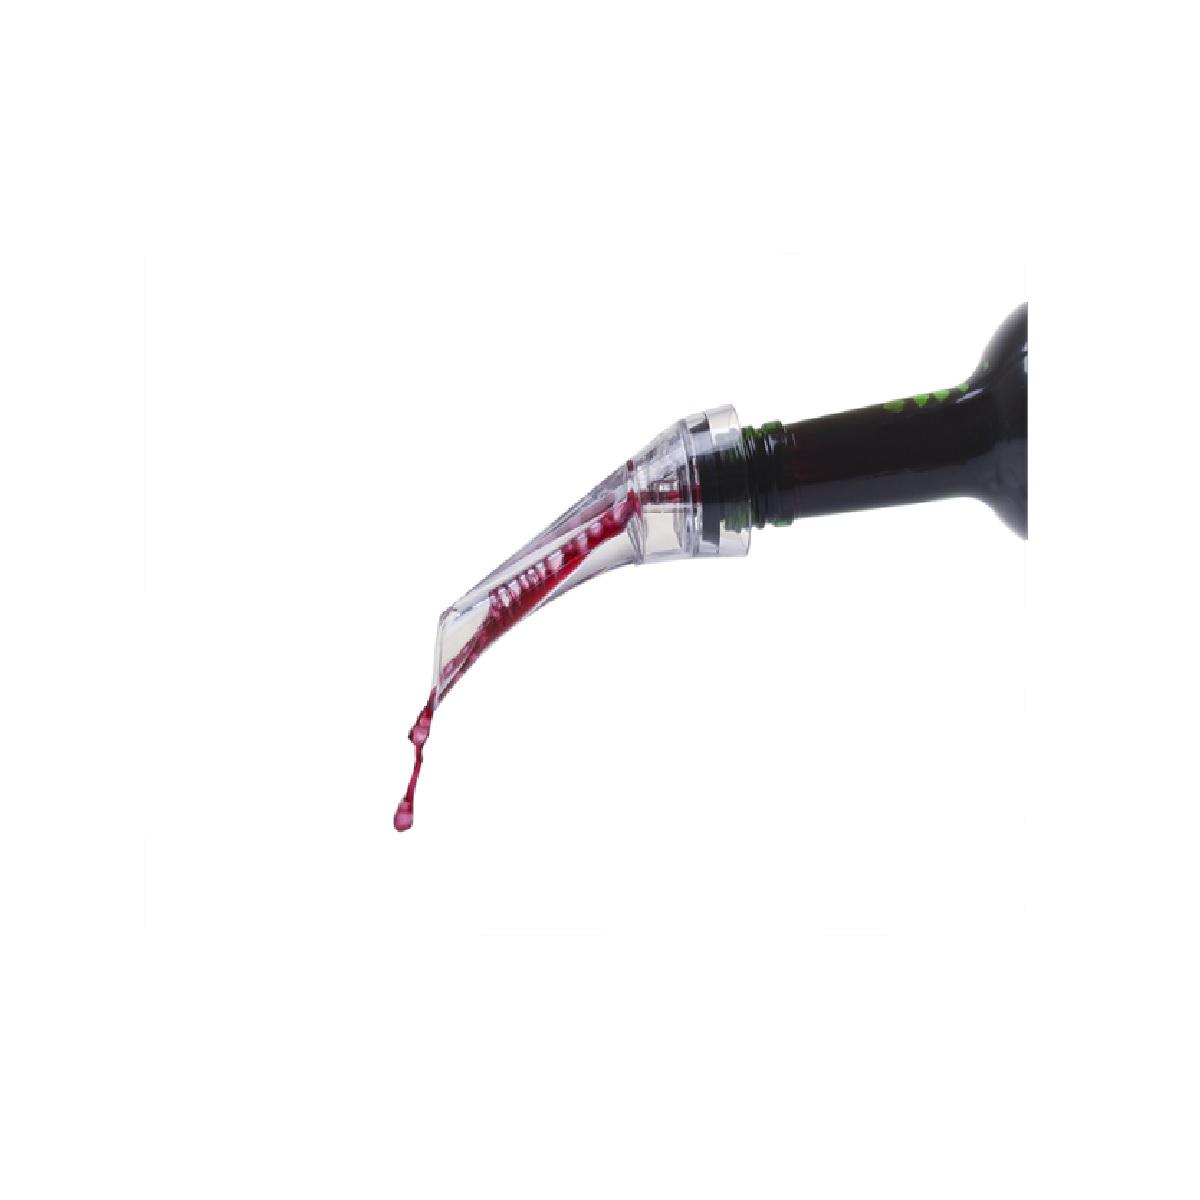 Kit Saca Rolha Aerador Tampa Cortador de Lacre Vinho Brinox